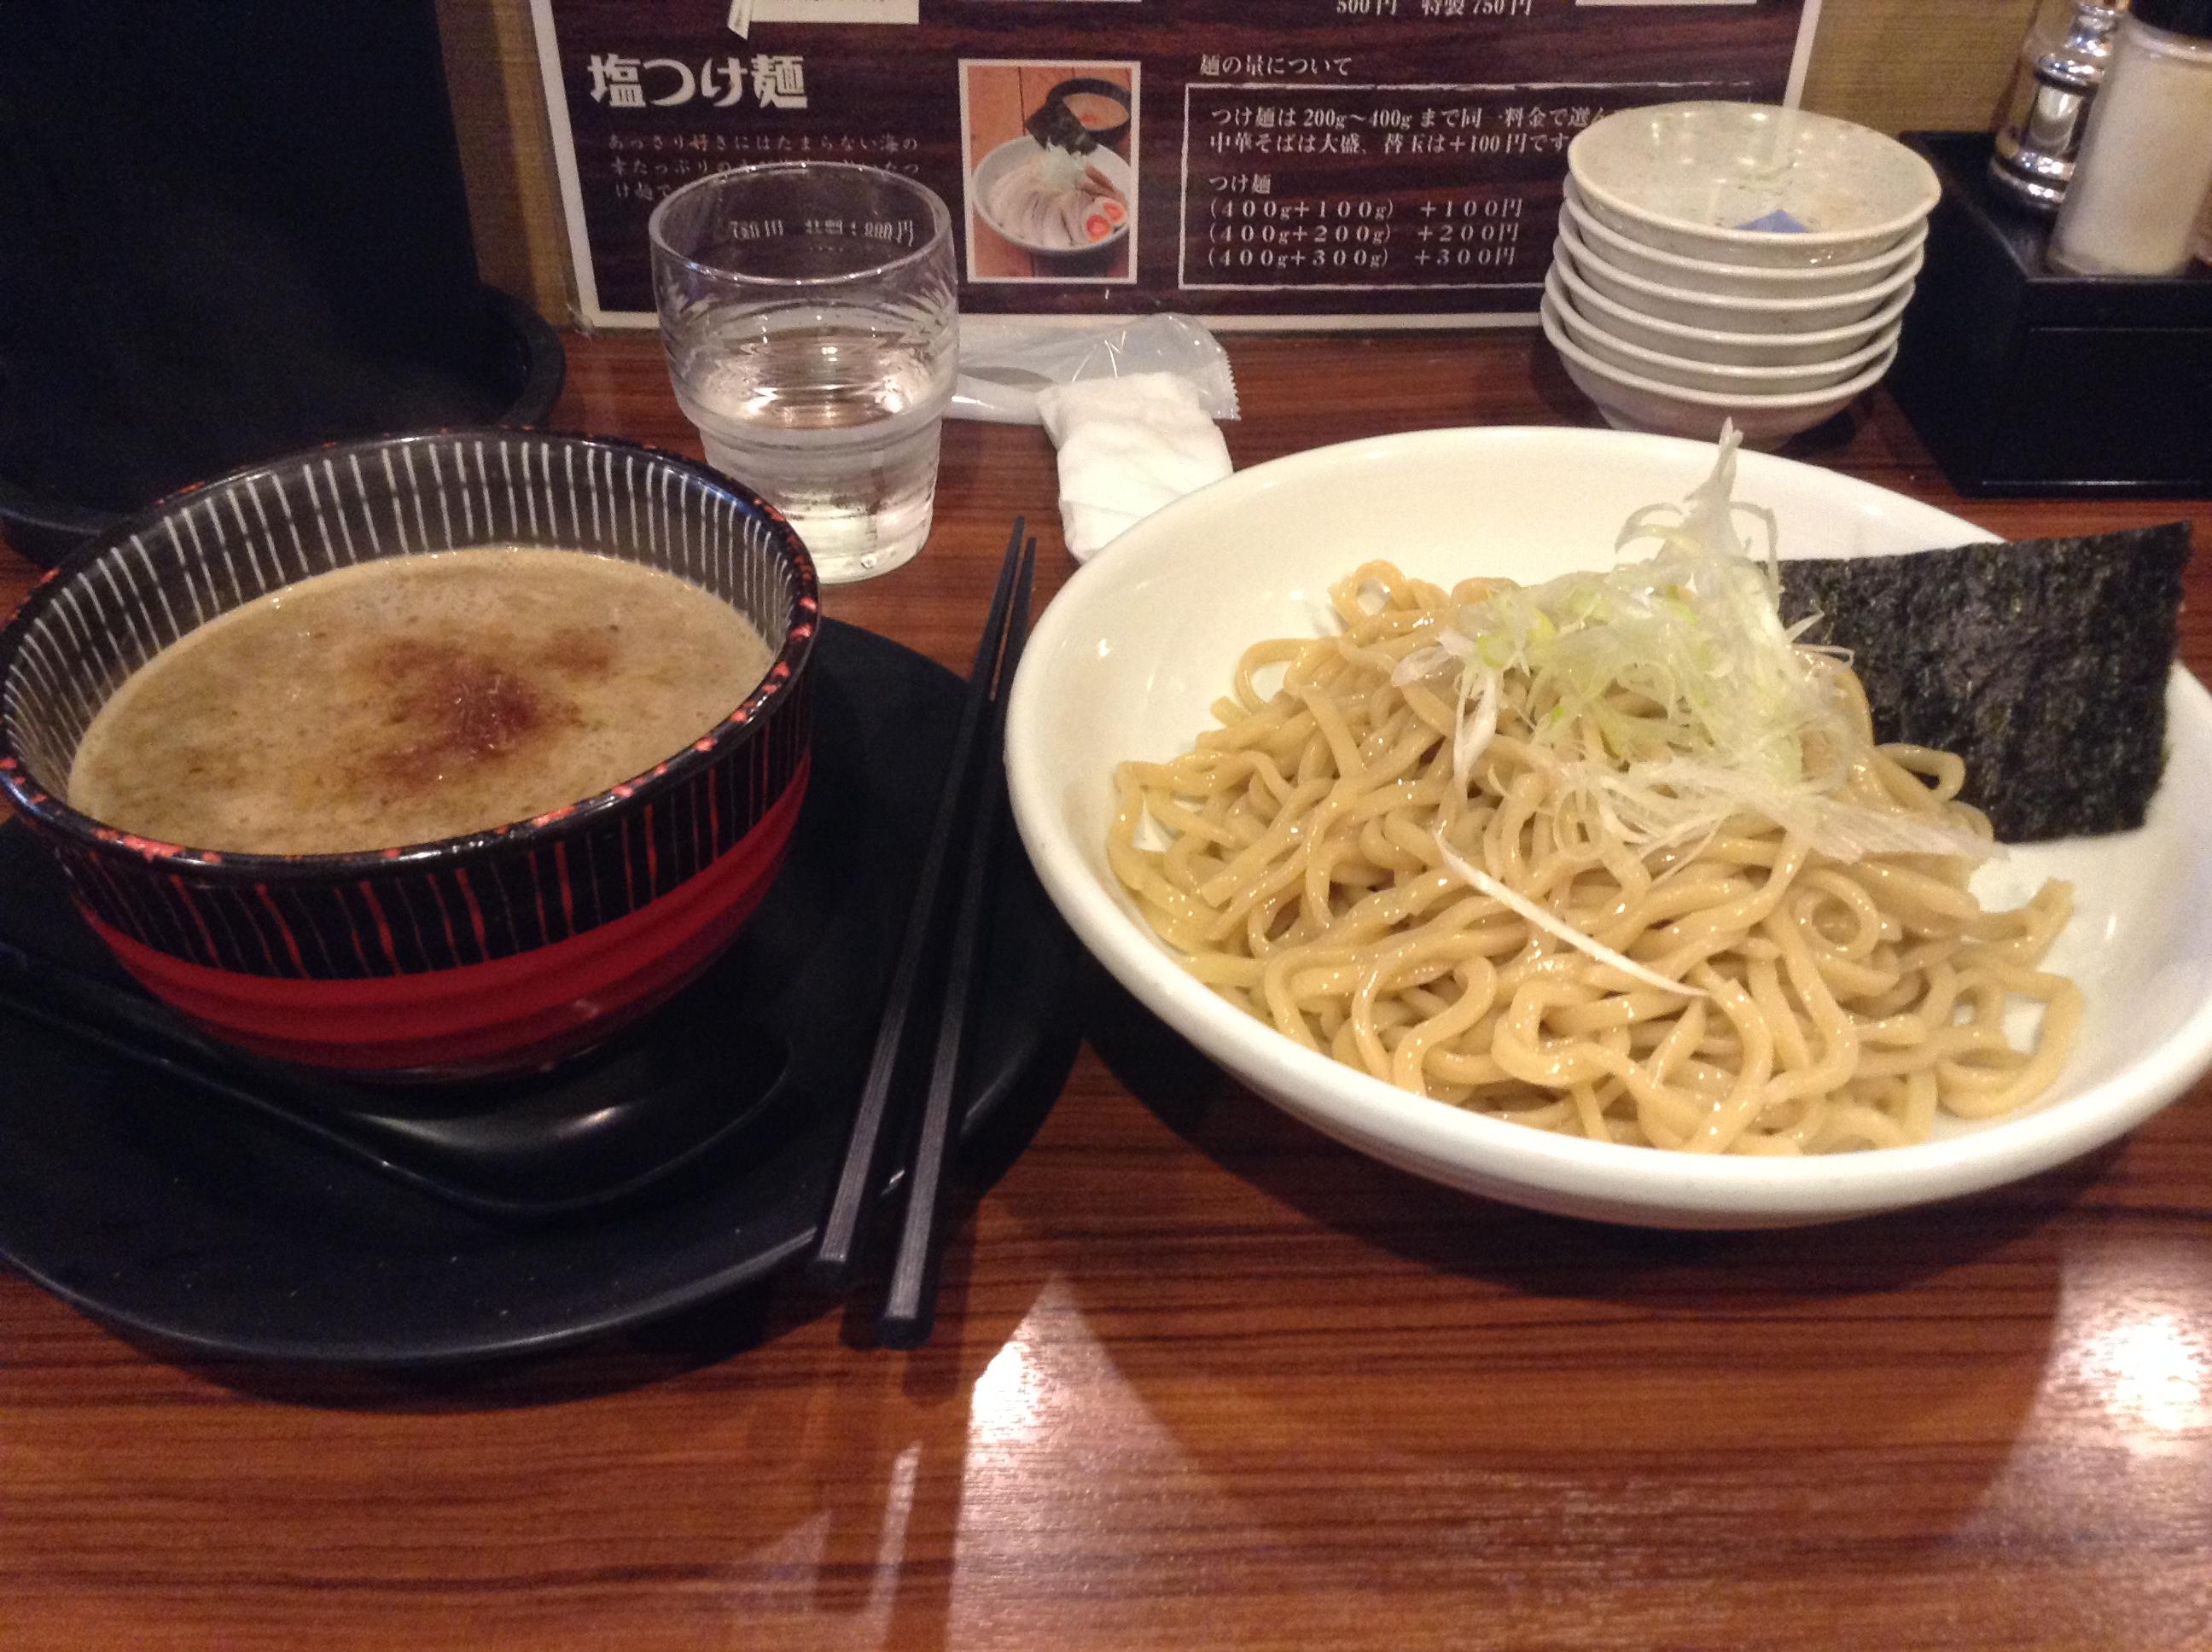 大阪・堺市「麺屋もず」で美味しいつけ麺を食べた